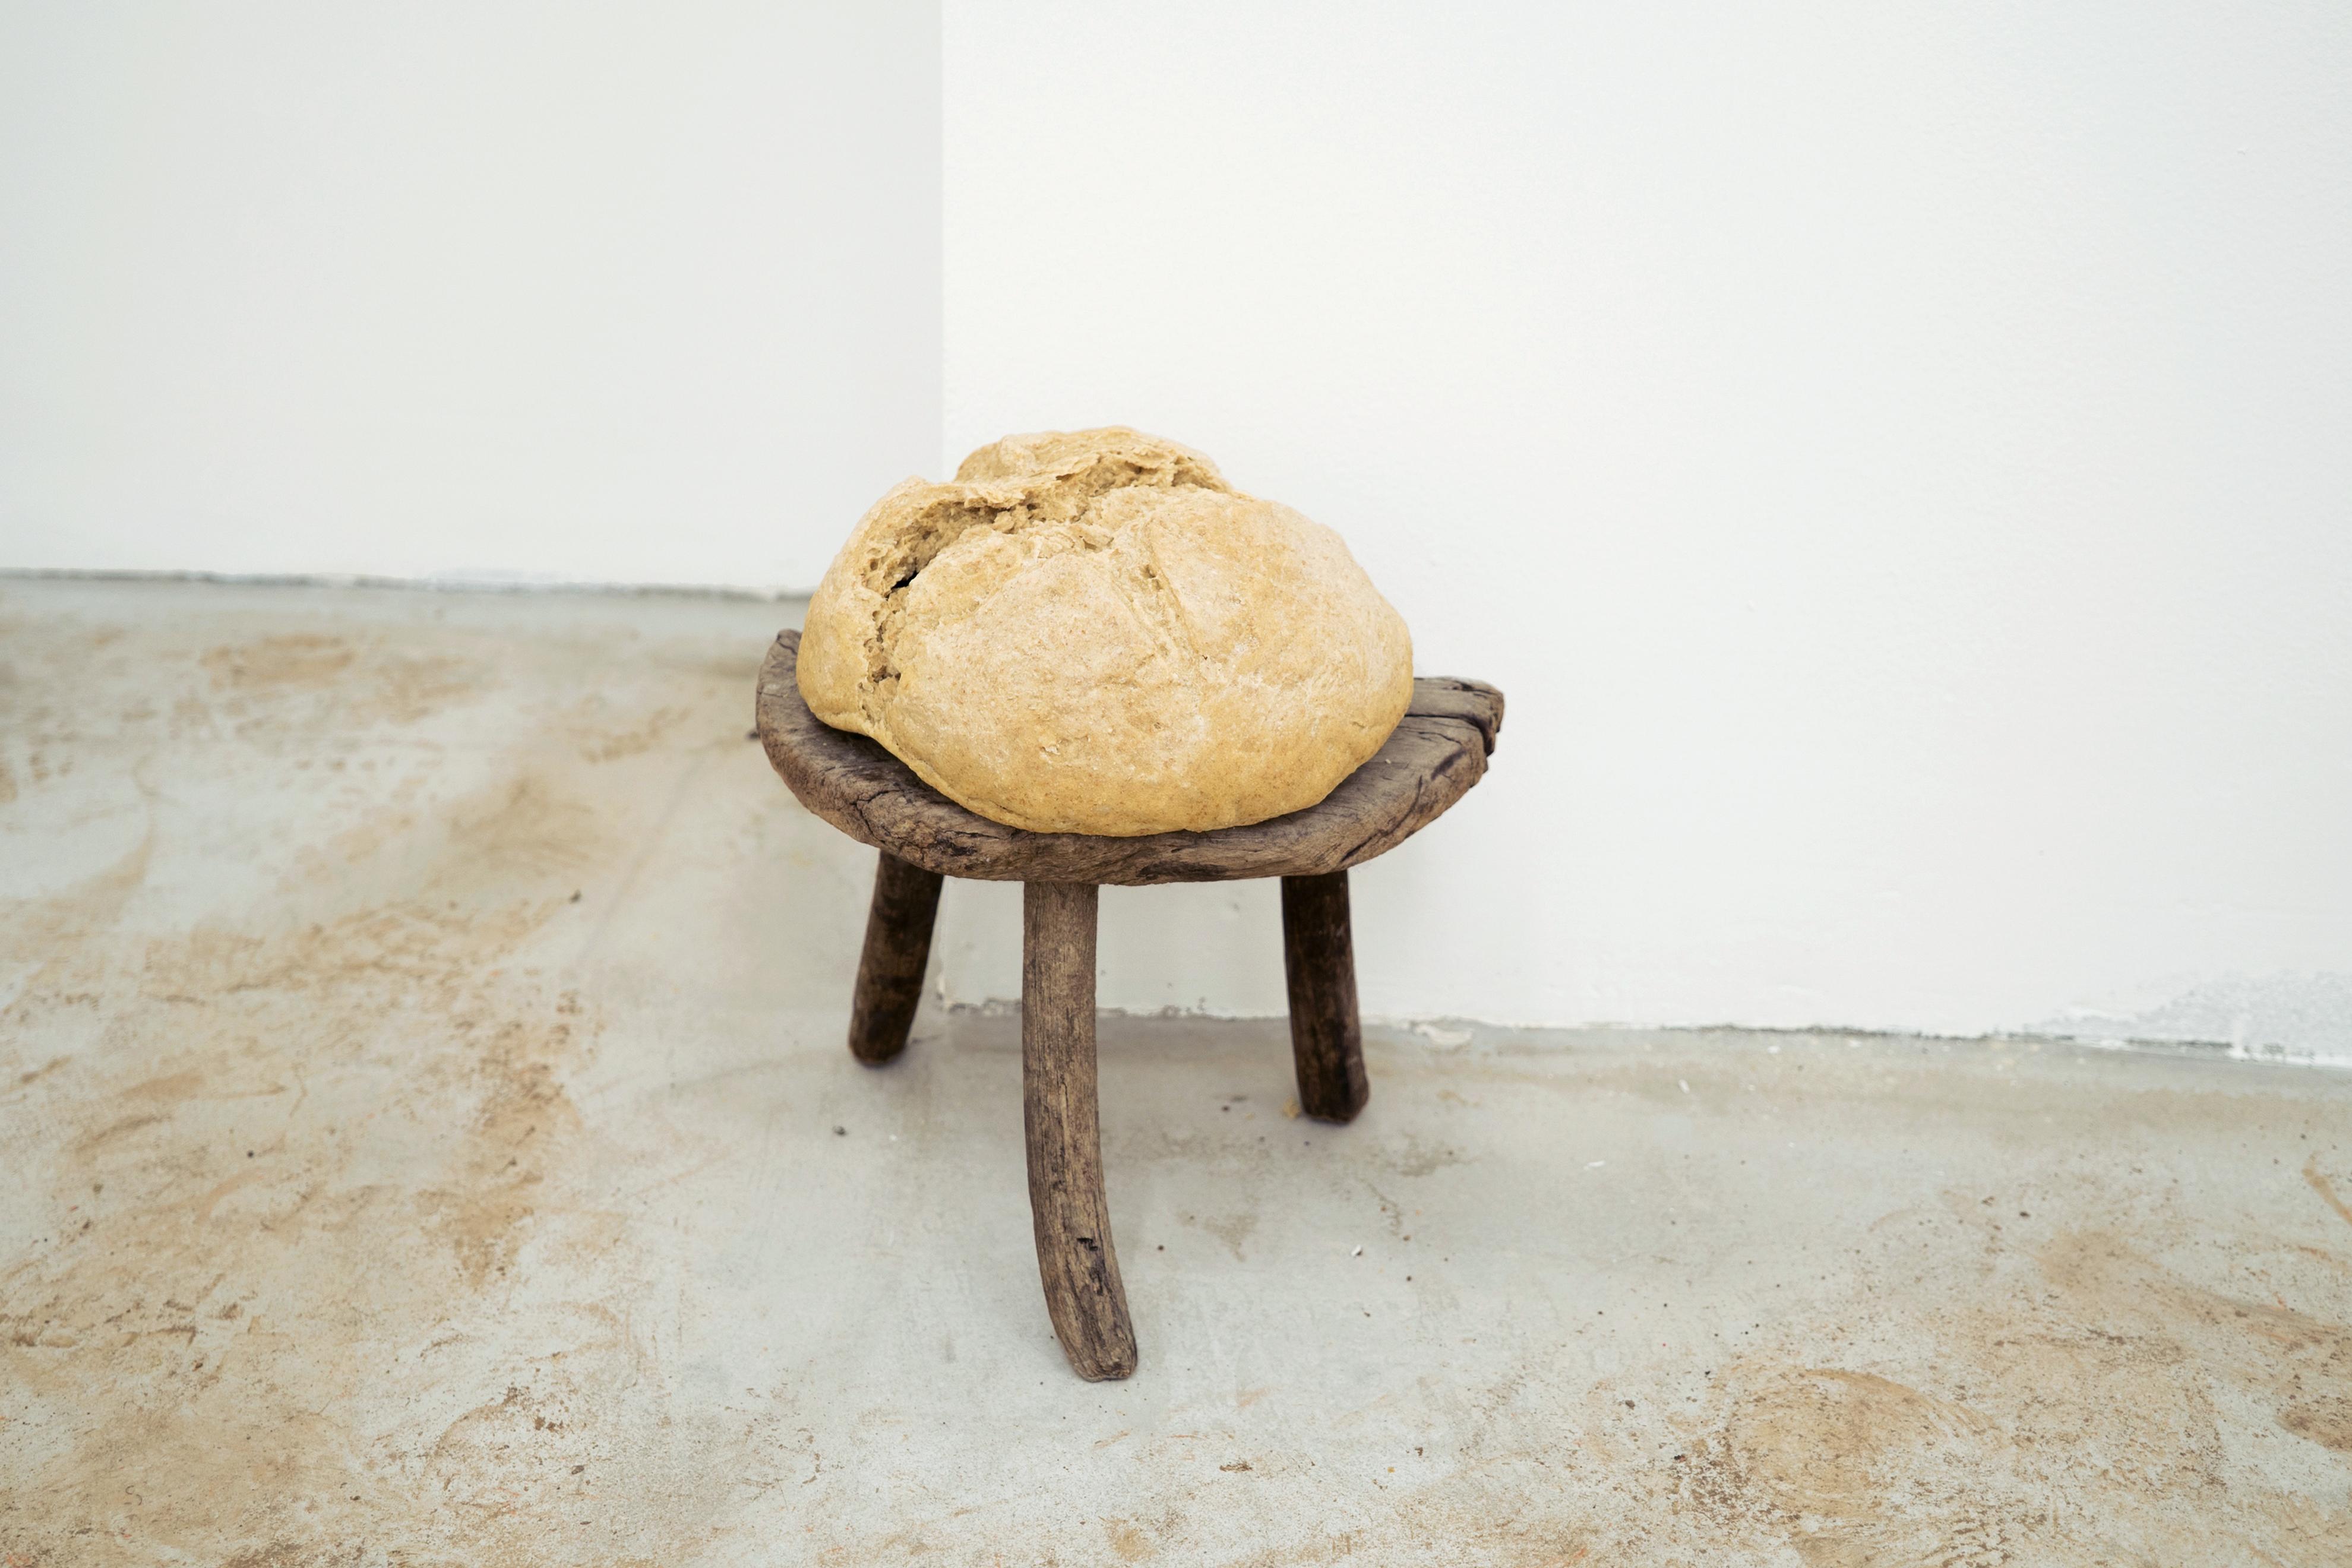 Francisco Cordero-Oceguera, I'm Bread, 2016